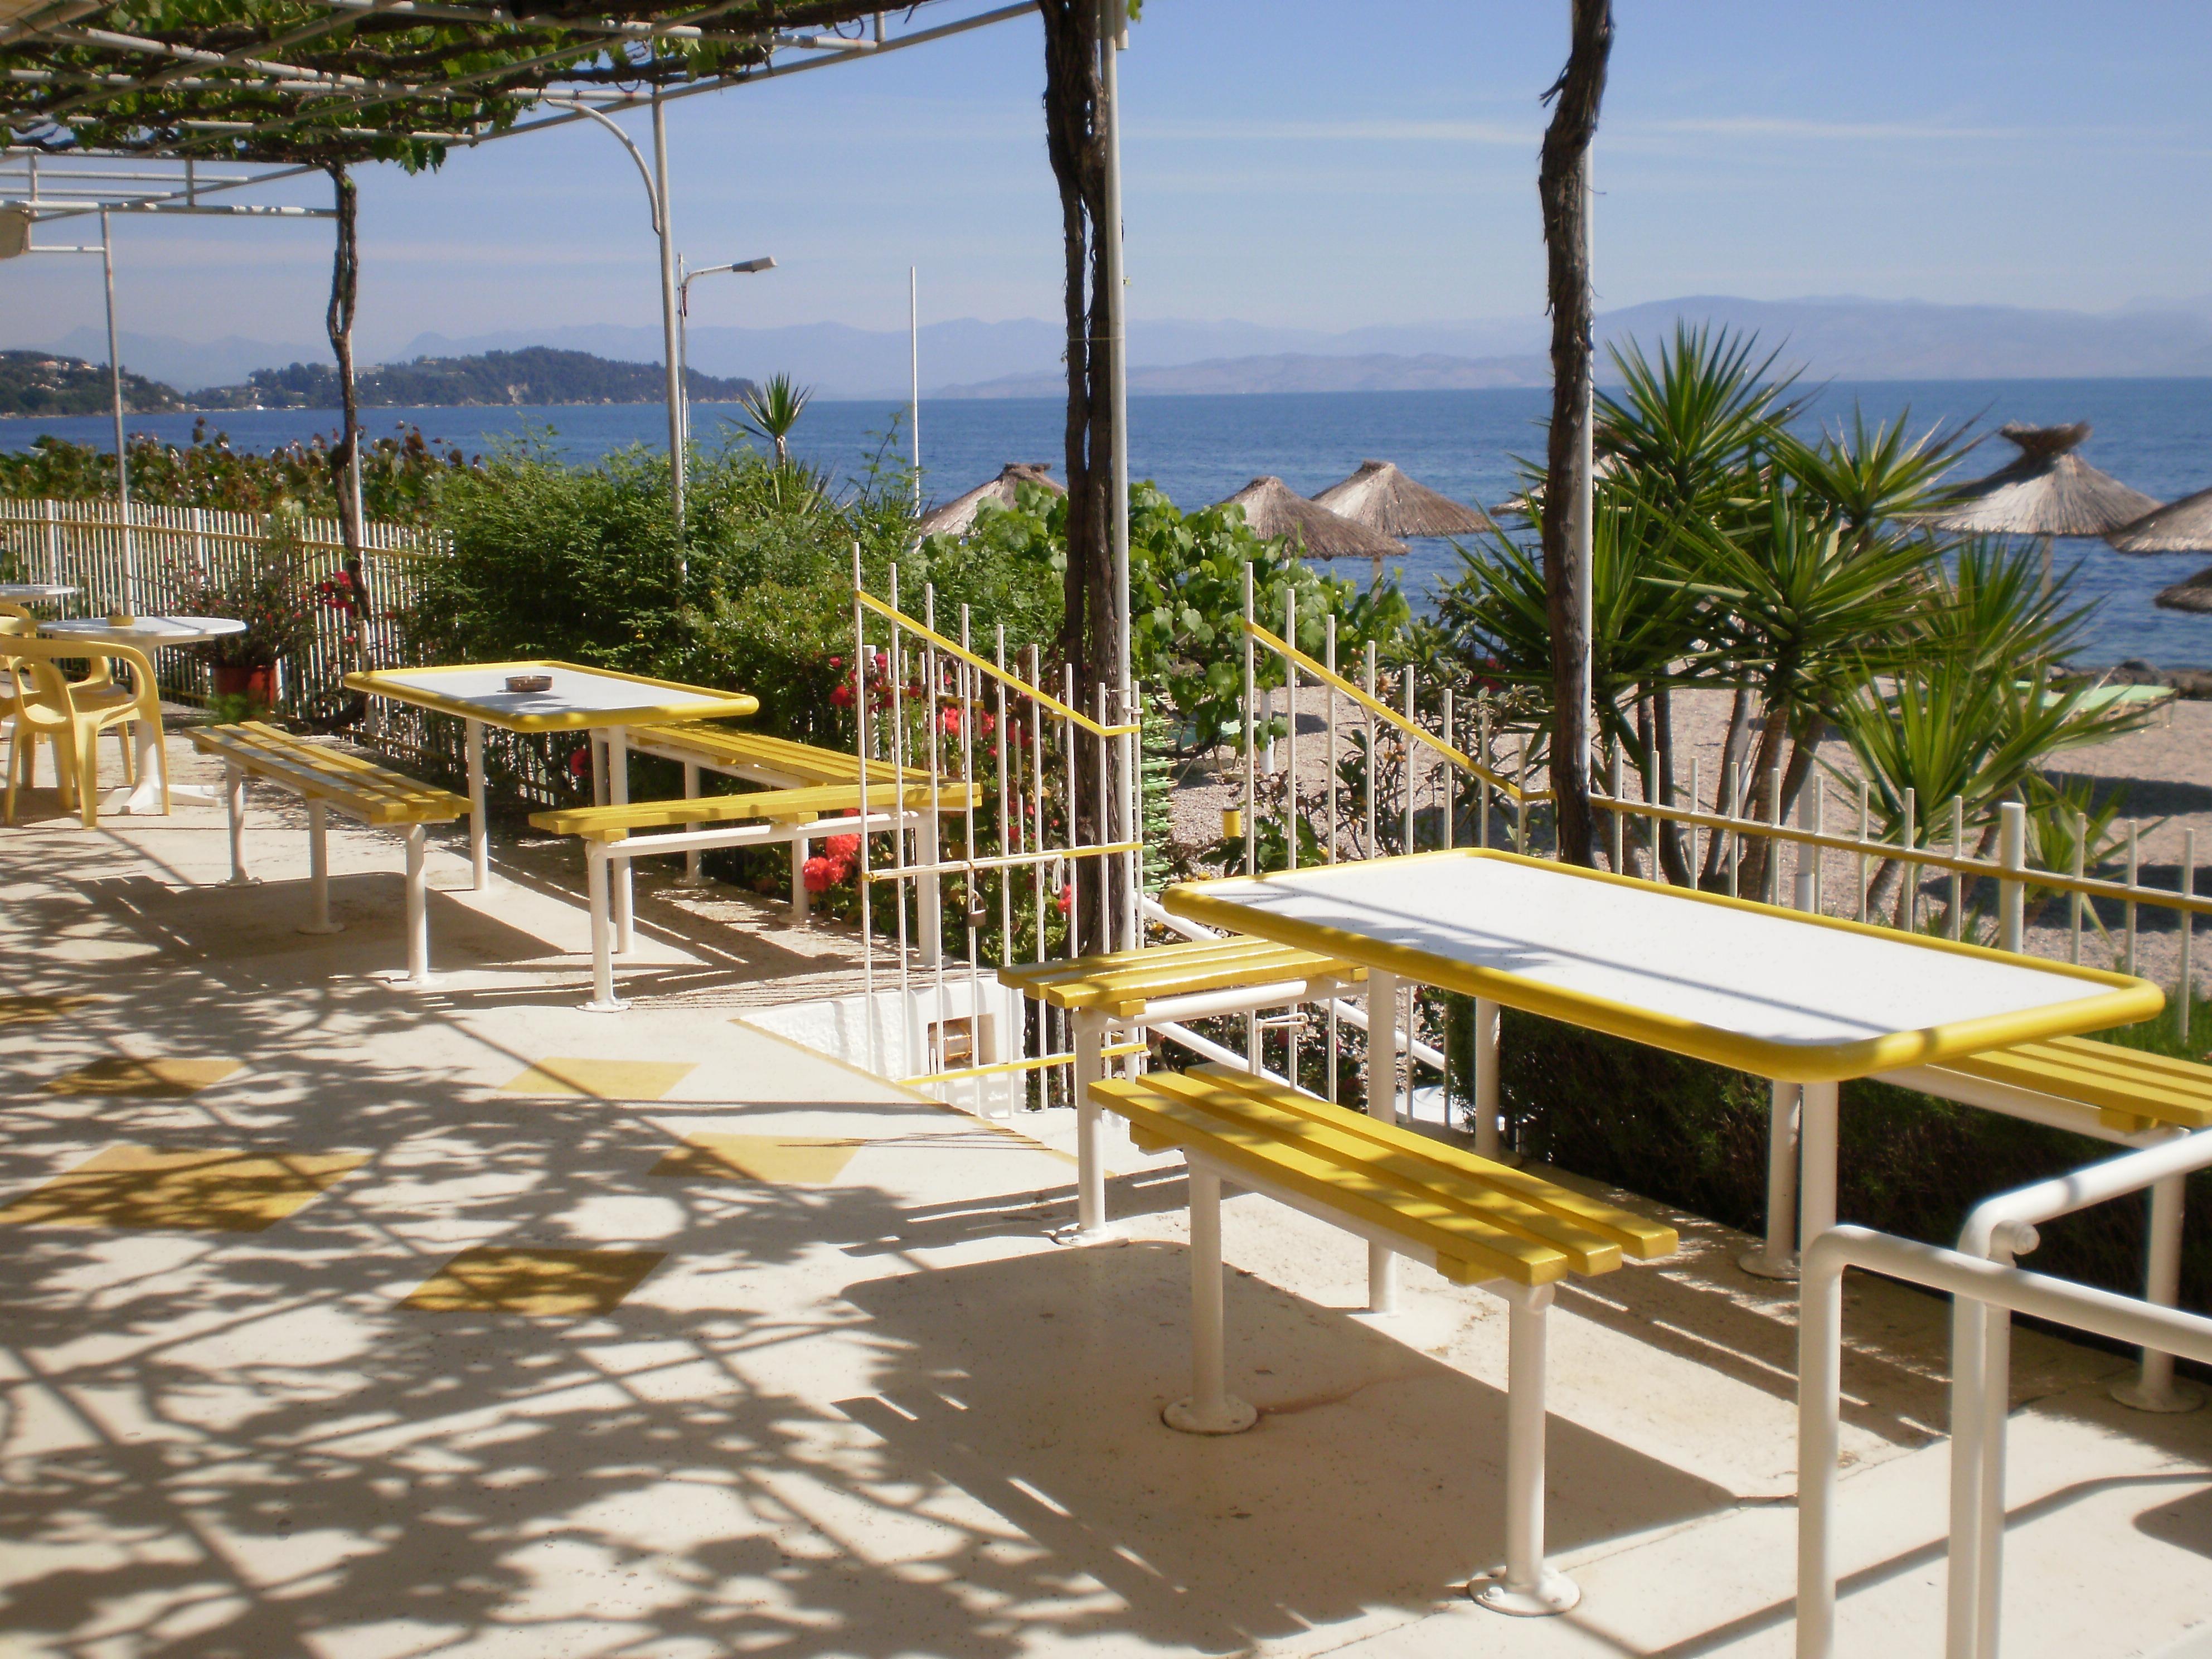 Appartement de vacances entspannte Ferien ein paar Schritte vom Meer entfernt (2187693), Moraitika, Corfou, Iles Ioniennes, Grèce, image 9